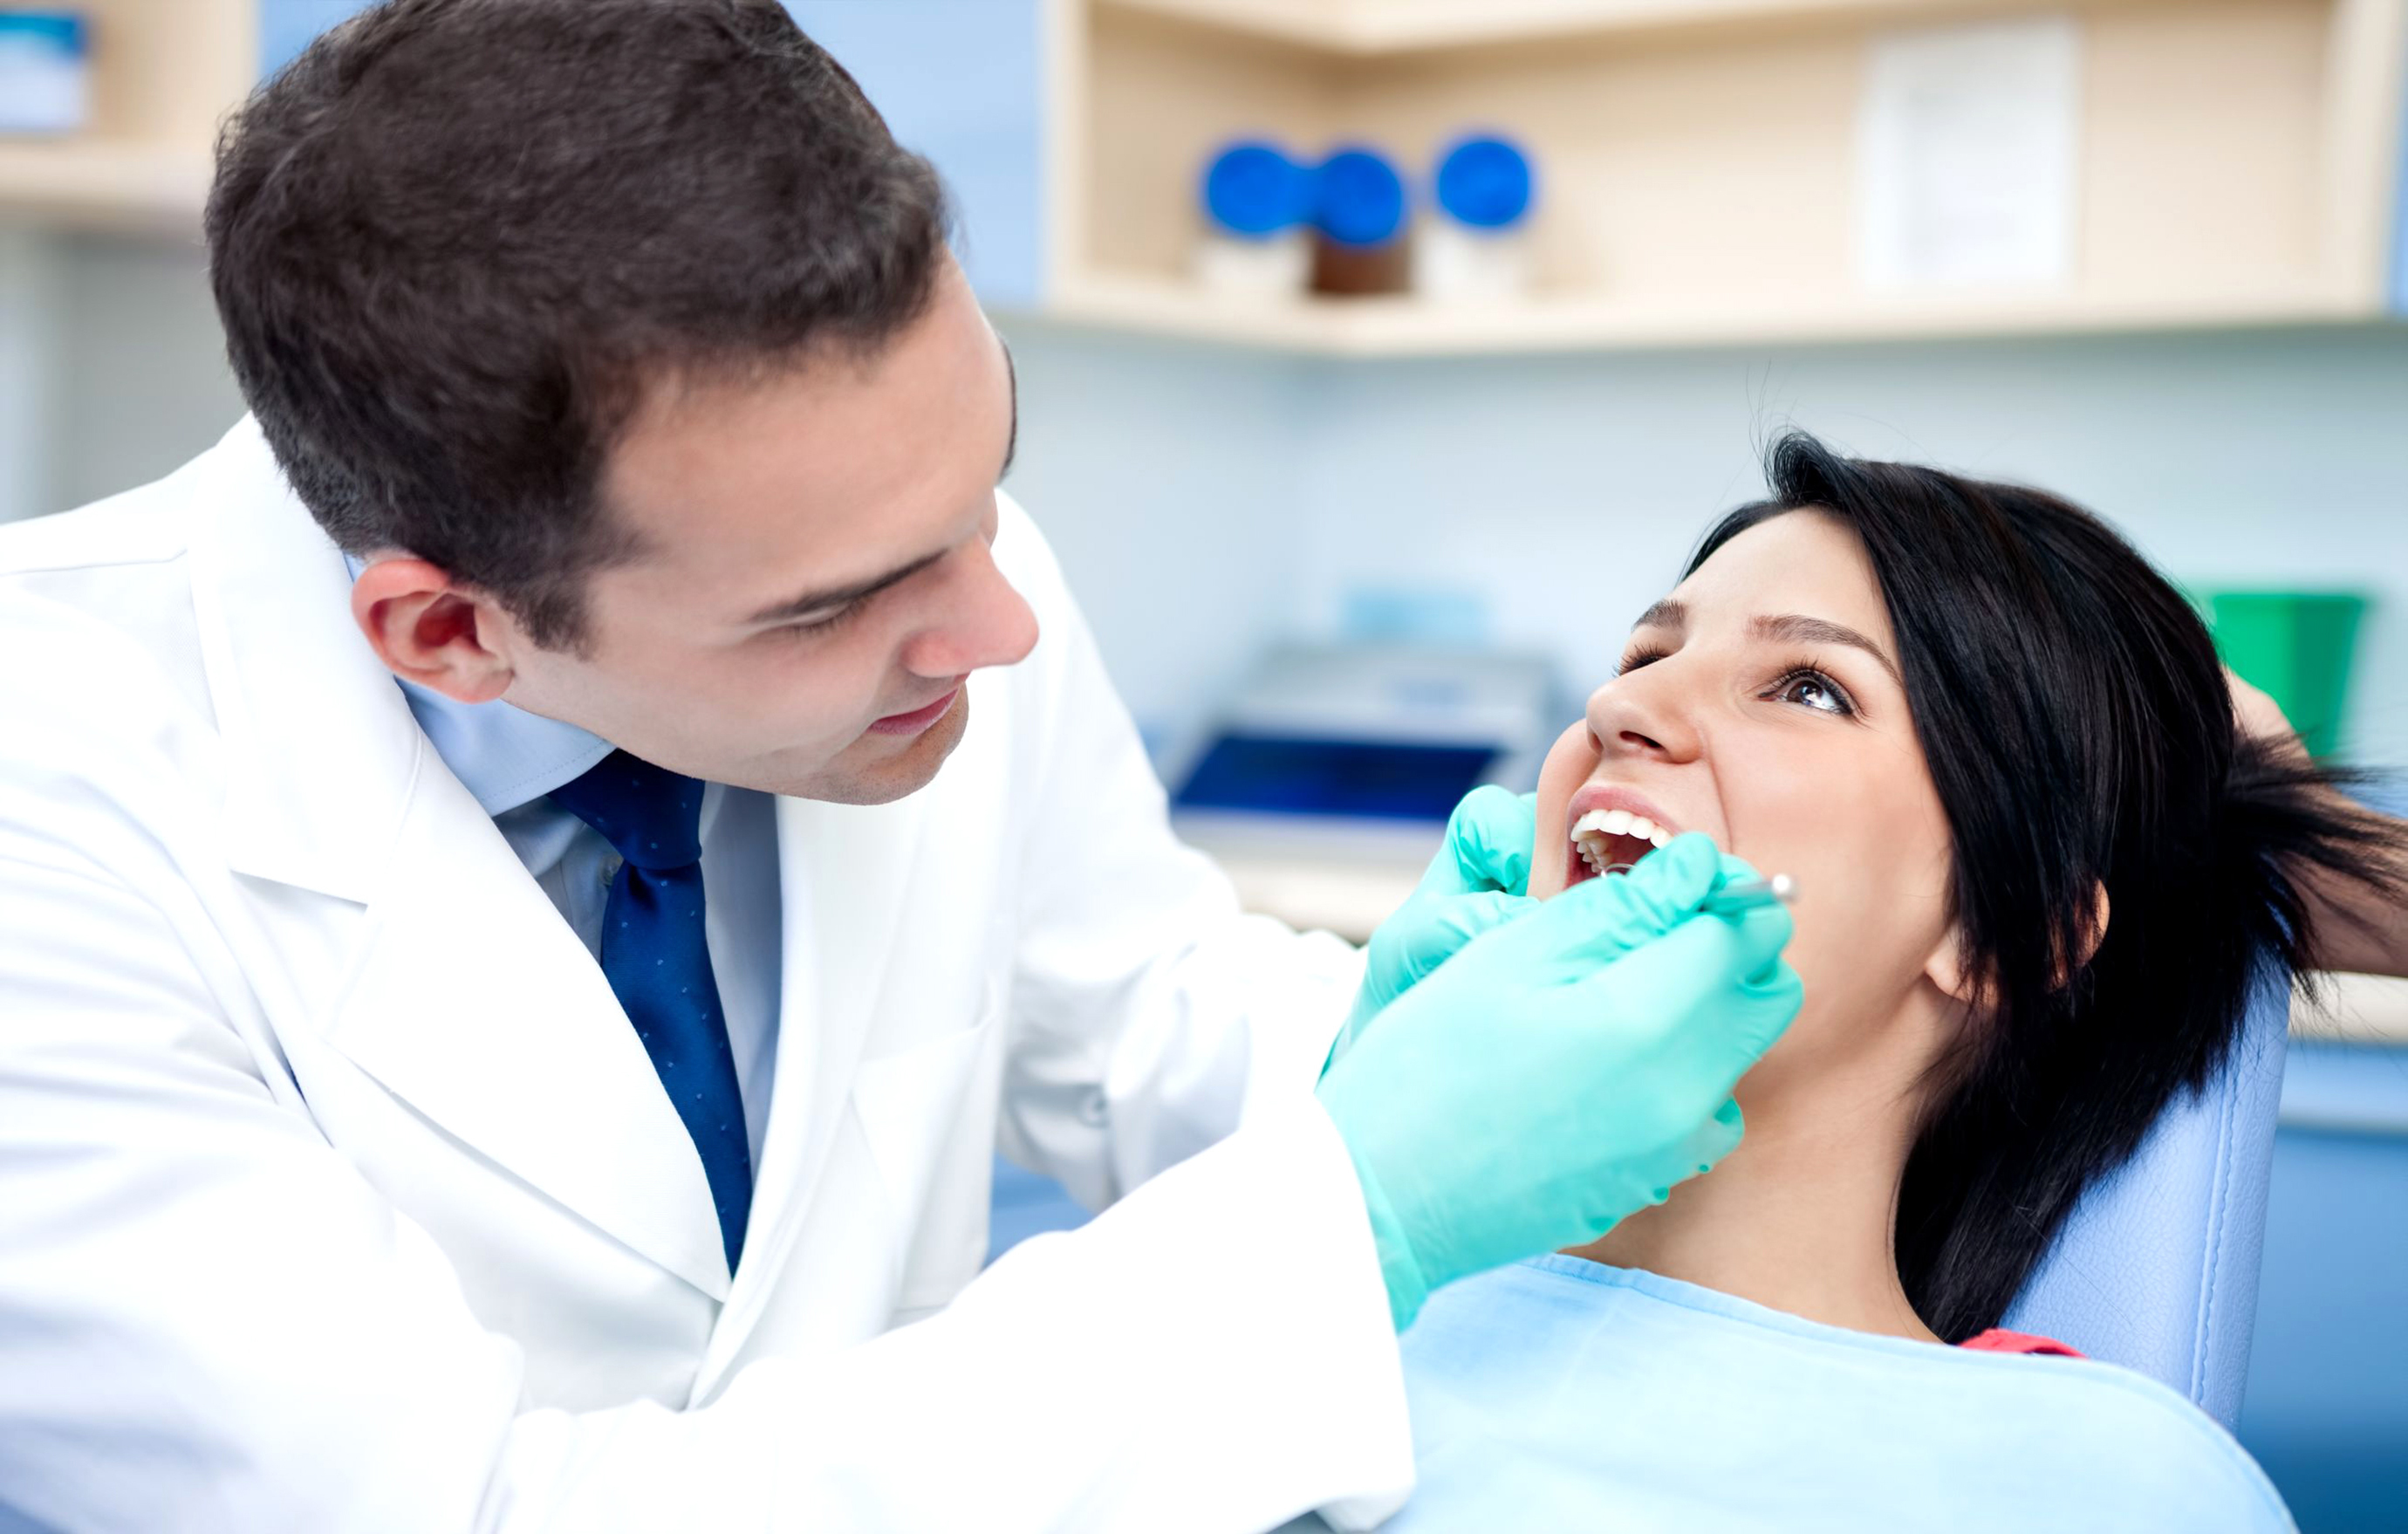 治療牙齒的抉擇要保留患牙?還是做假牙或植牙?